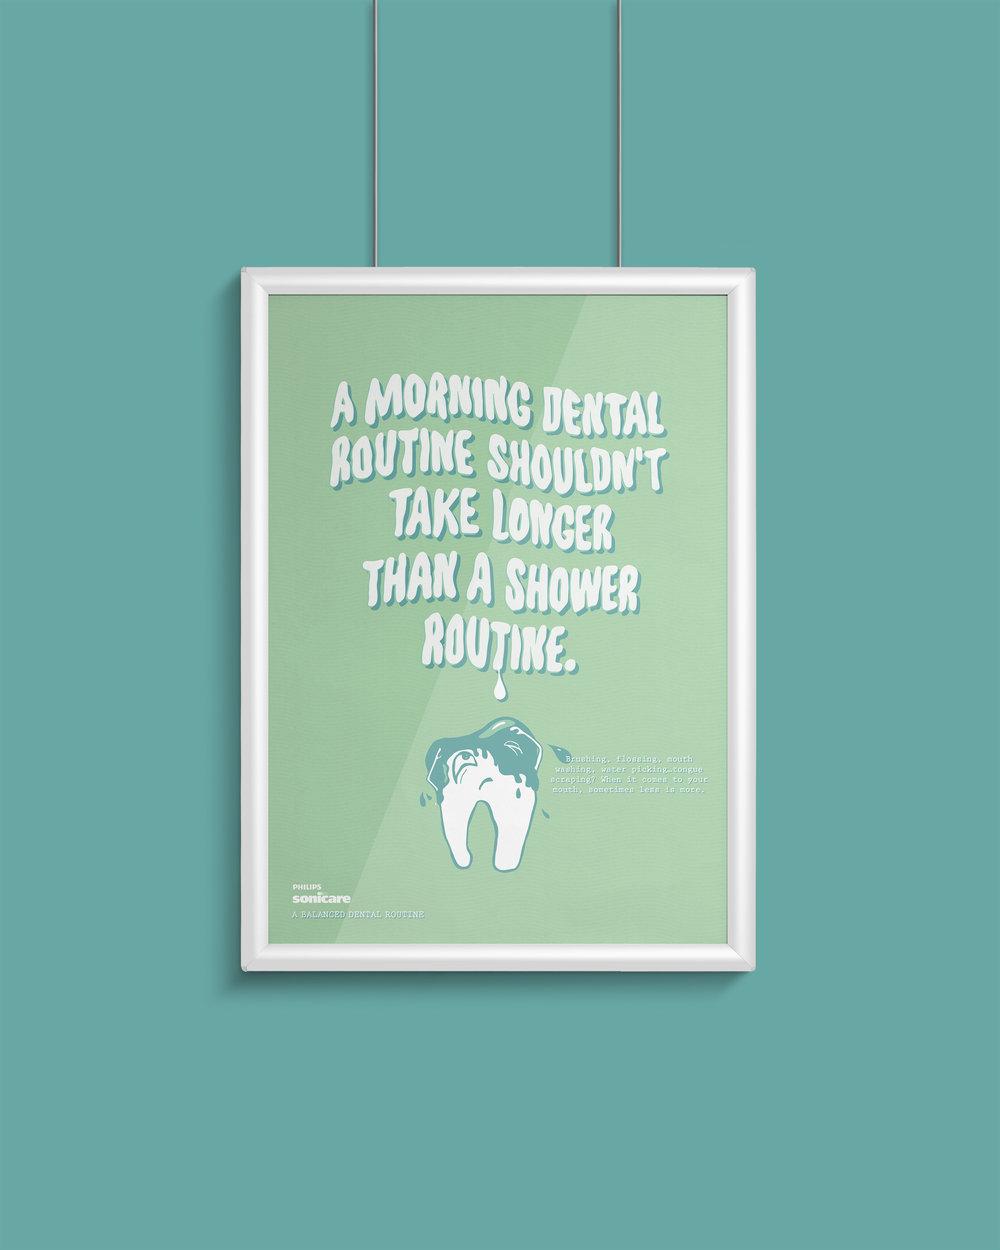 ShowerRoutine.jpg